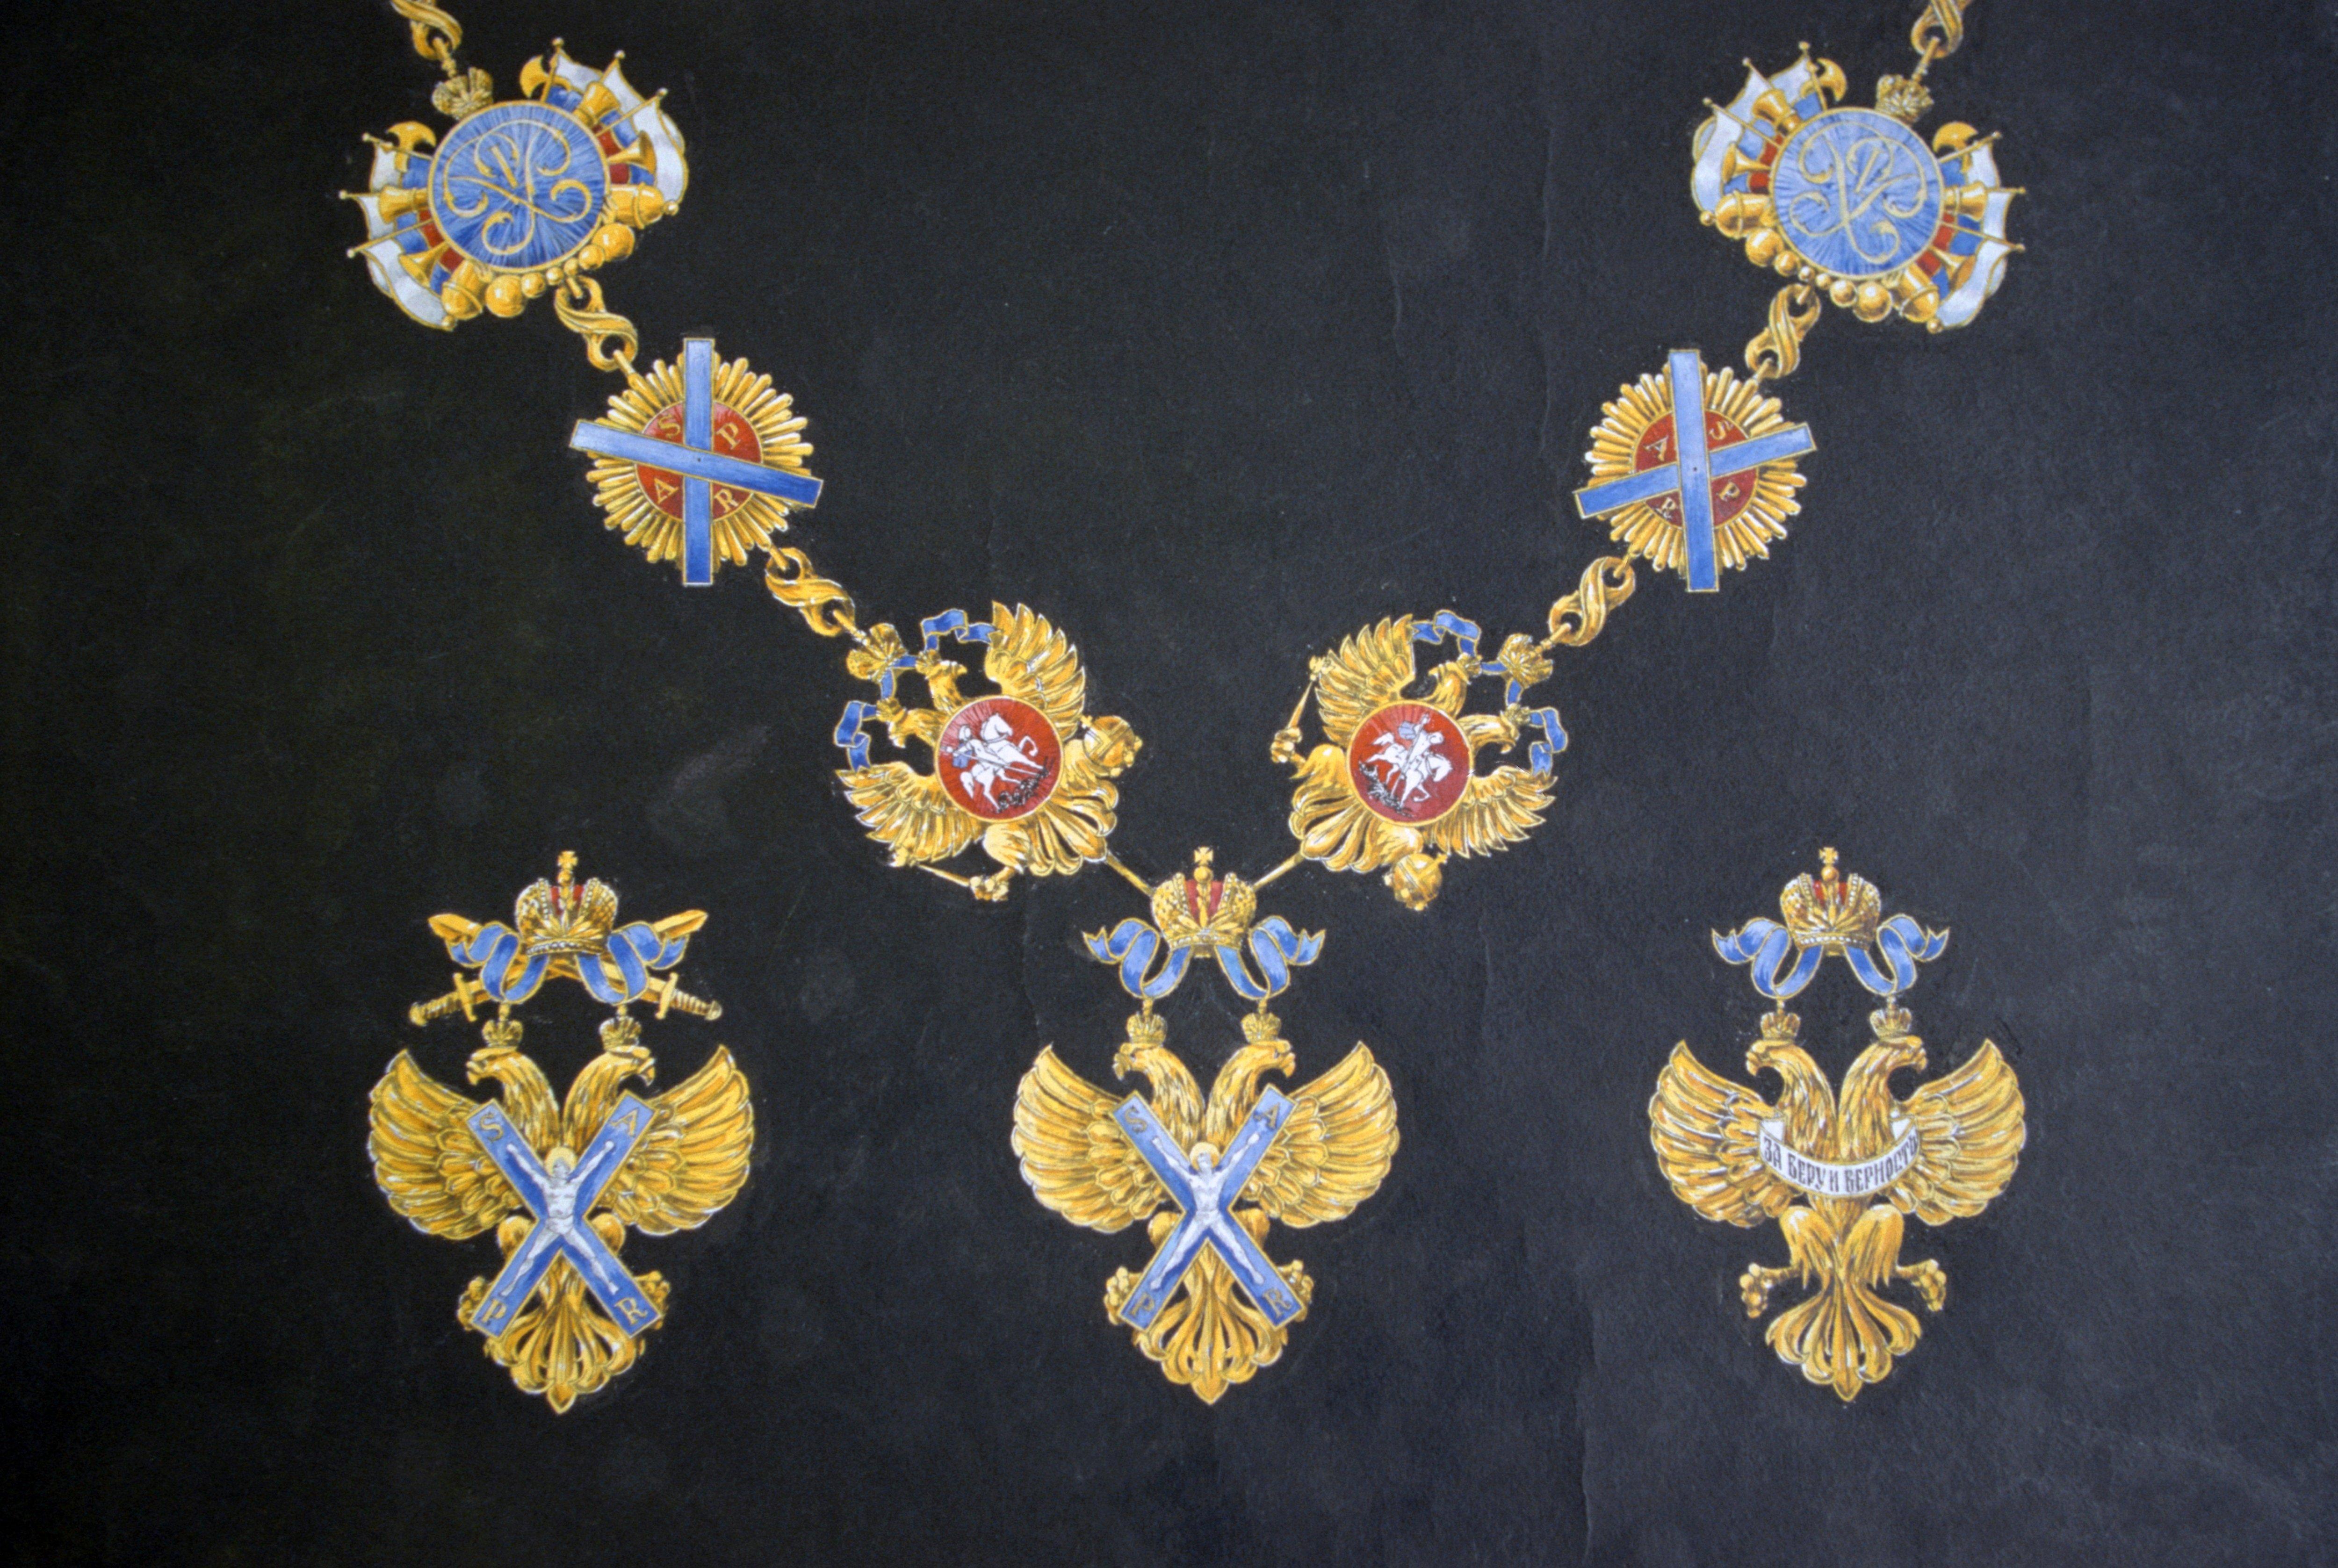 Орден Андрея Первозванного: святые мученики, герои и военные